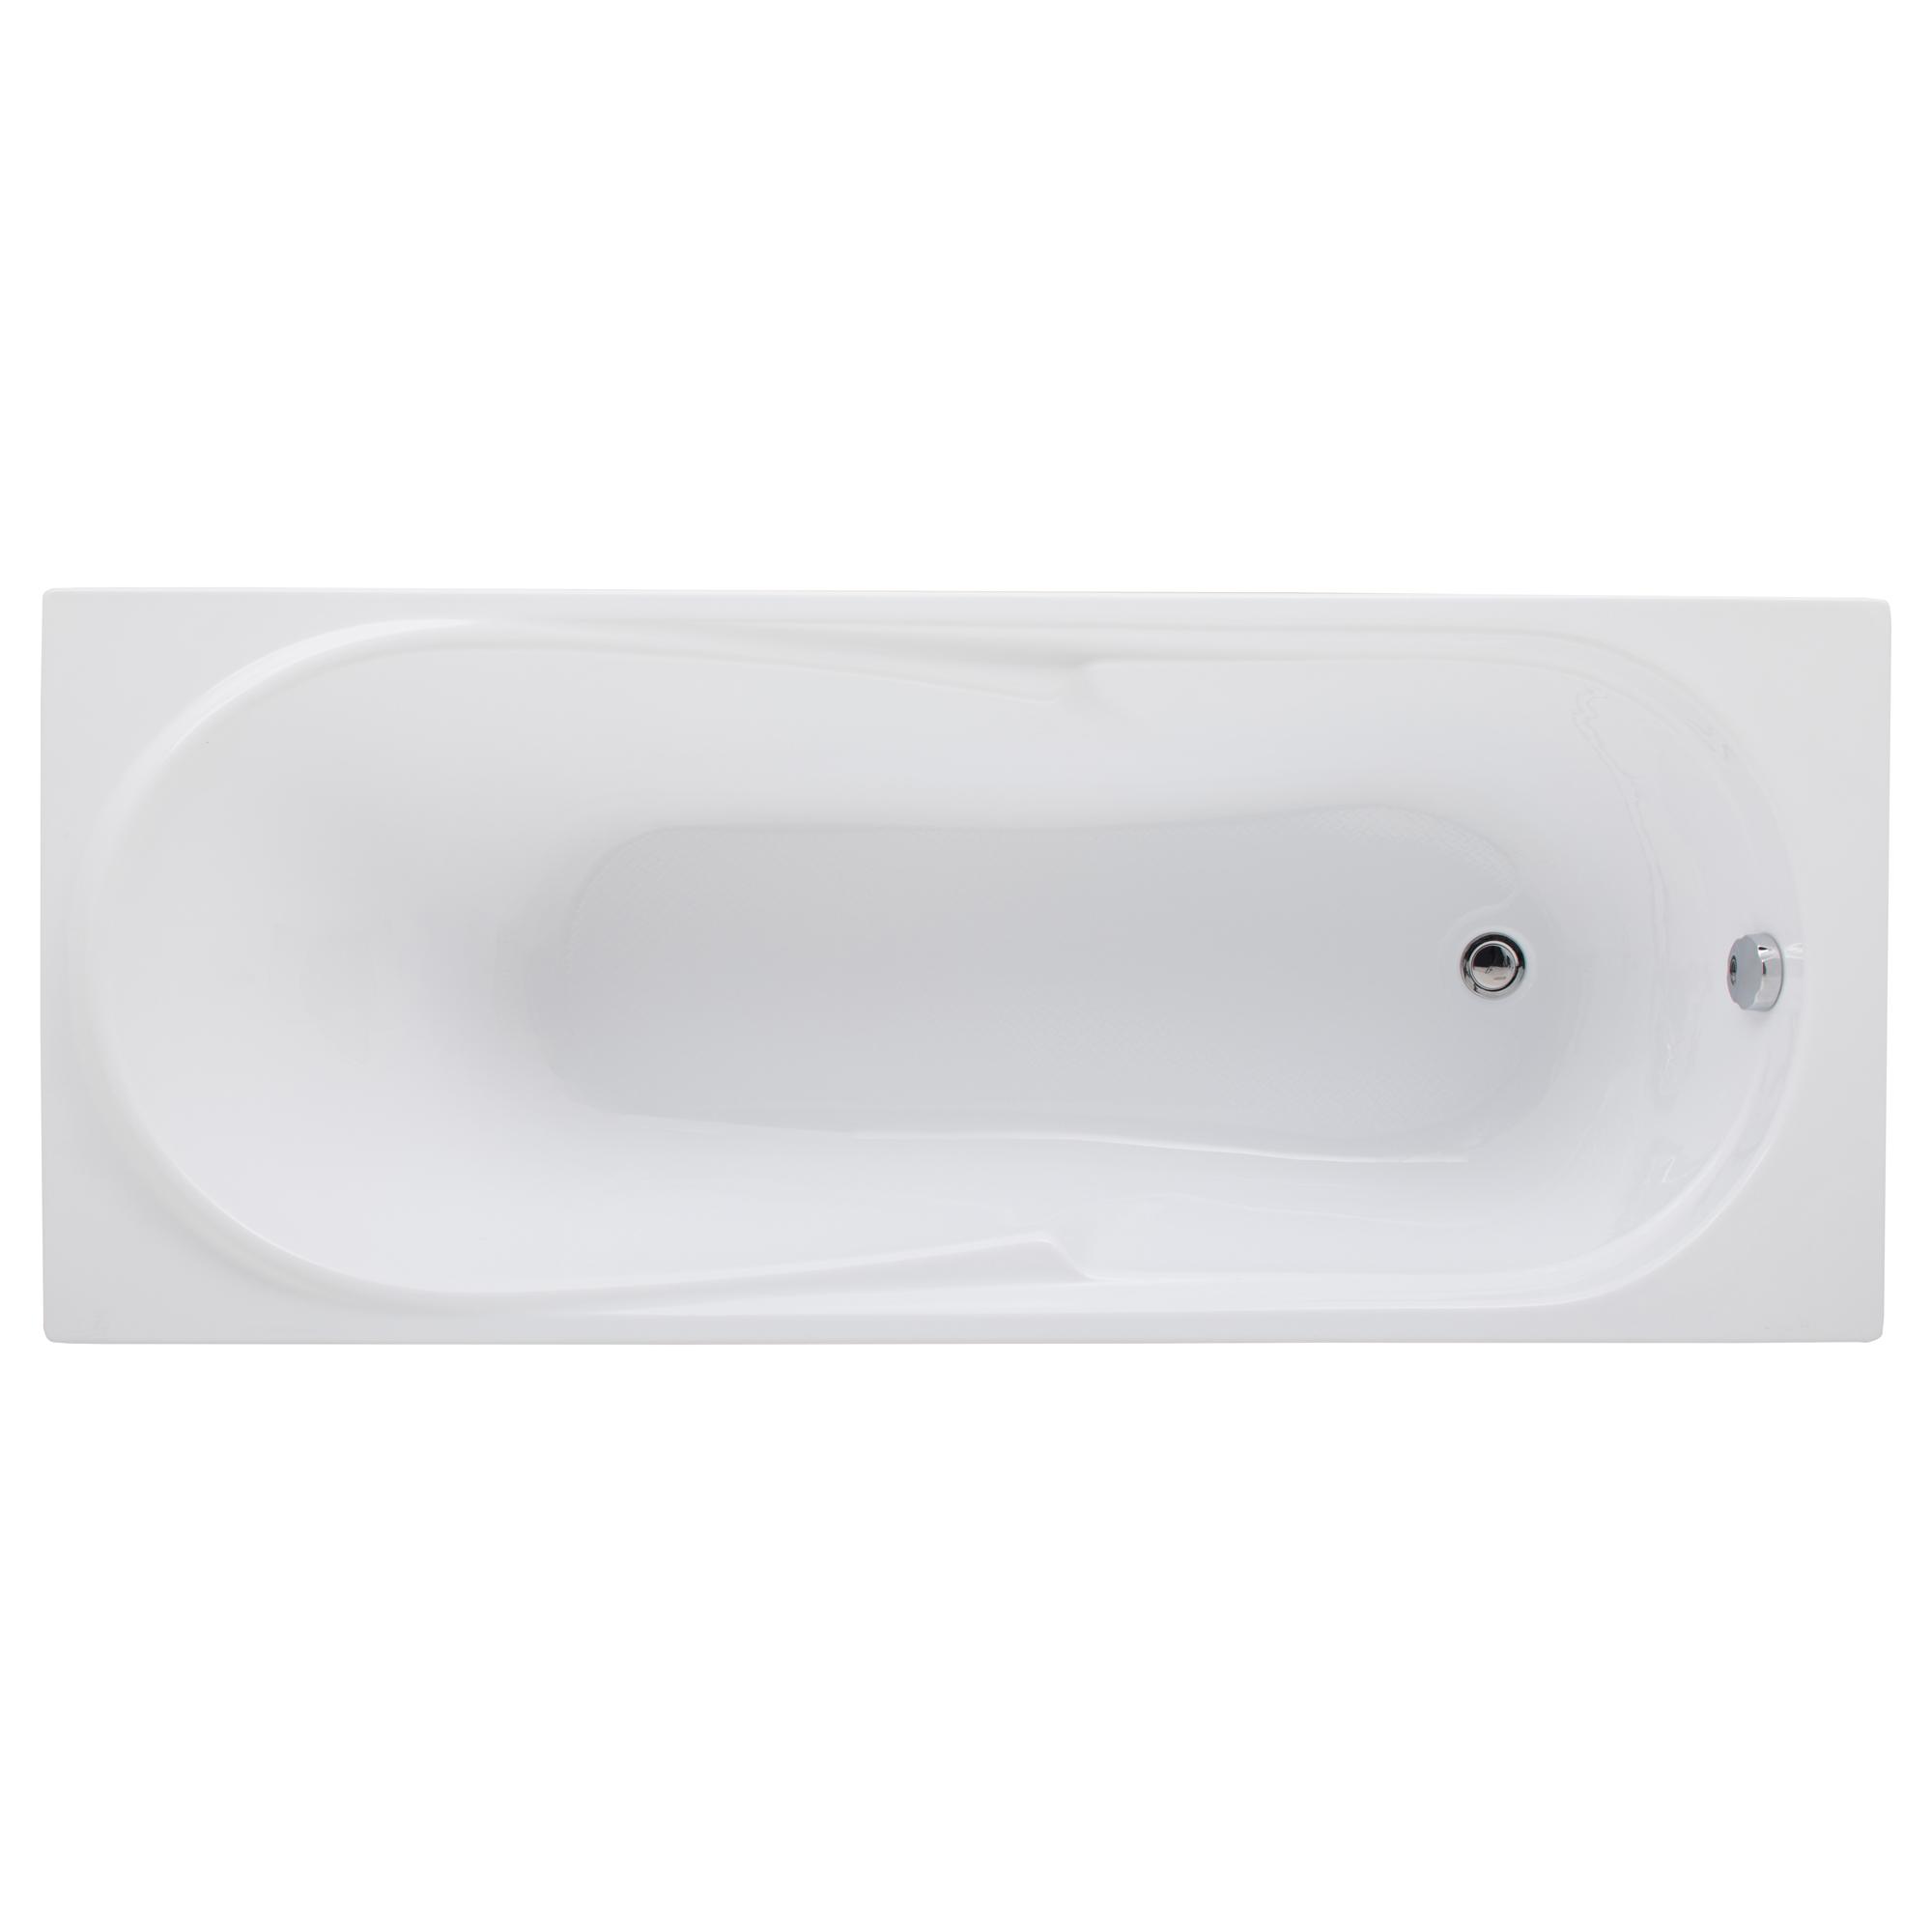 Акриловая ванна Aquanet Hellas 170х70 без гидромассажа ванна без гидромассажа tansa s сталь 170х70 см